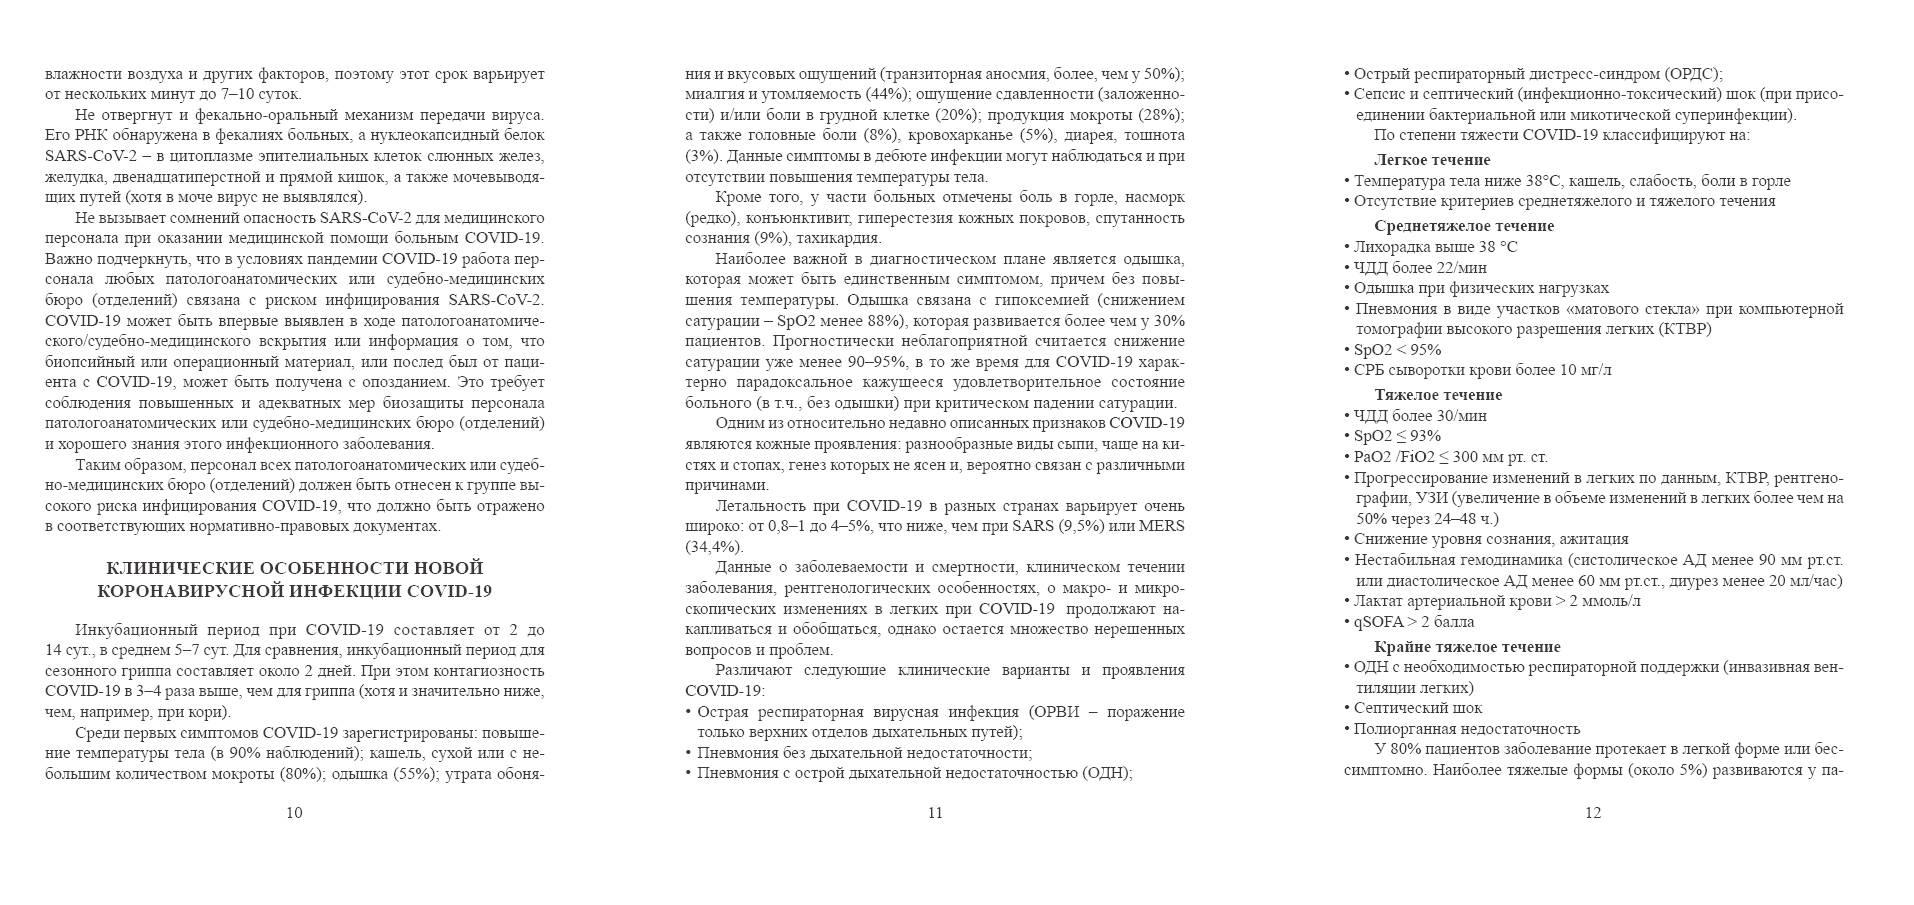 Атлас «Патологическая анатомия легких при Covid-19»